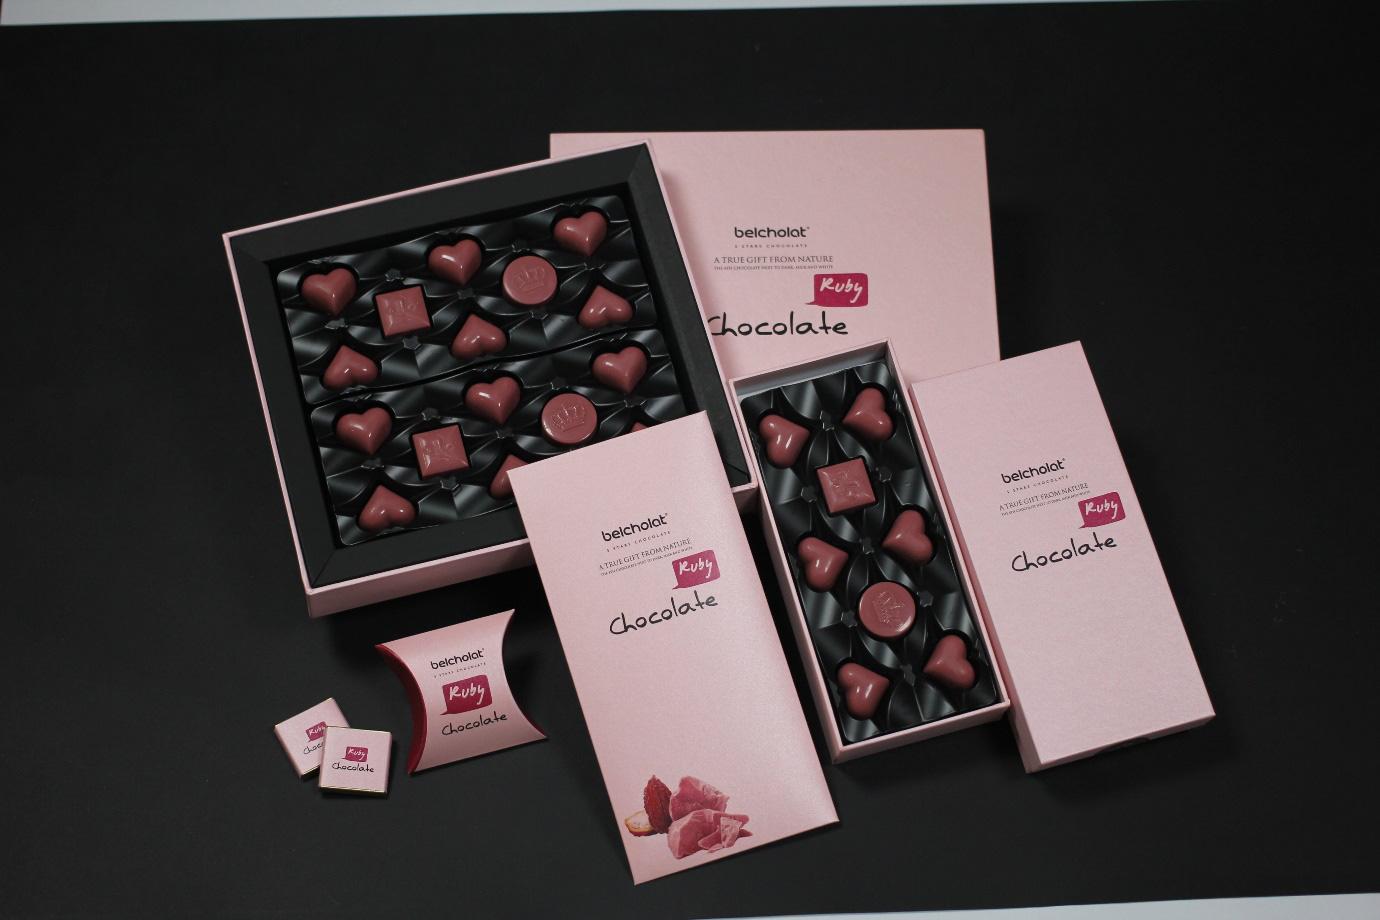 Tìm hiểu về loại sô cô la hảo hạng thứ 4 thế giới: Ruby Chocolate - Ảnh 1.